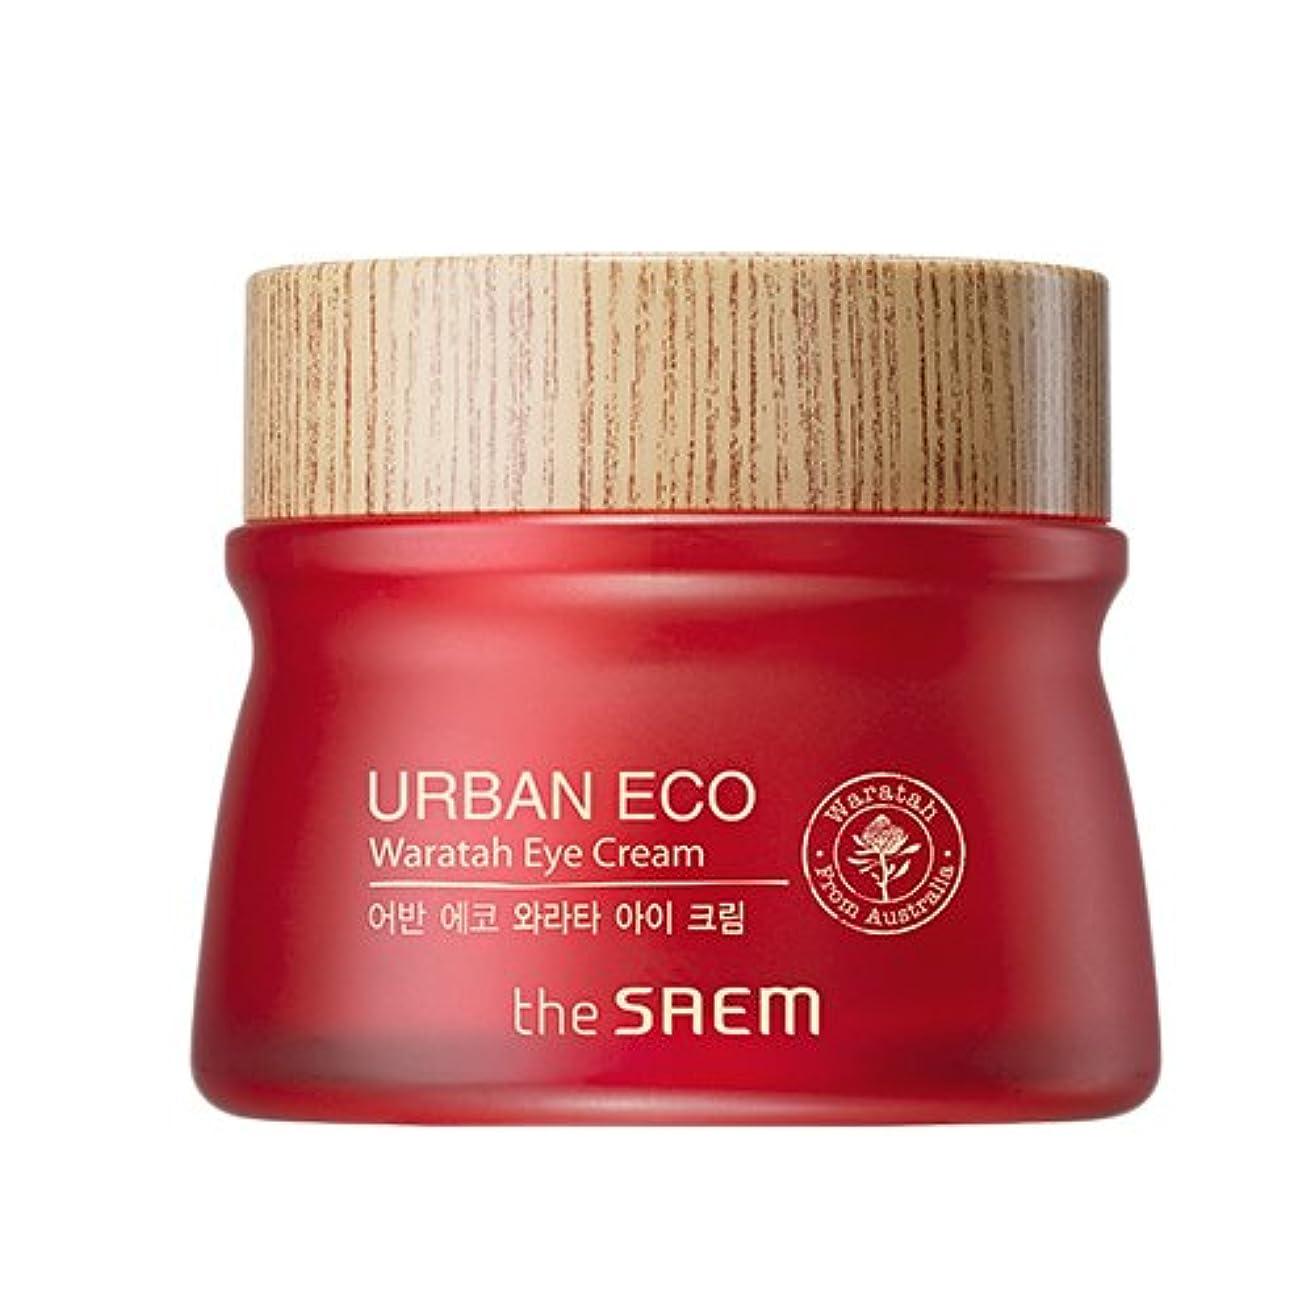 お嬢革命品ドセム アーバンエコワラターアイクリーム 30ml Urban Eco Waratah Eye Cream [並行輸入品]